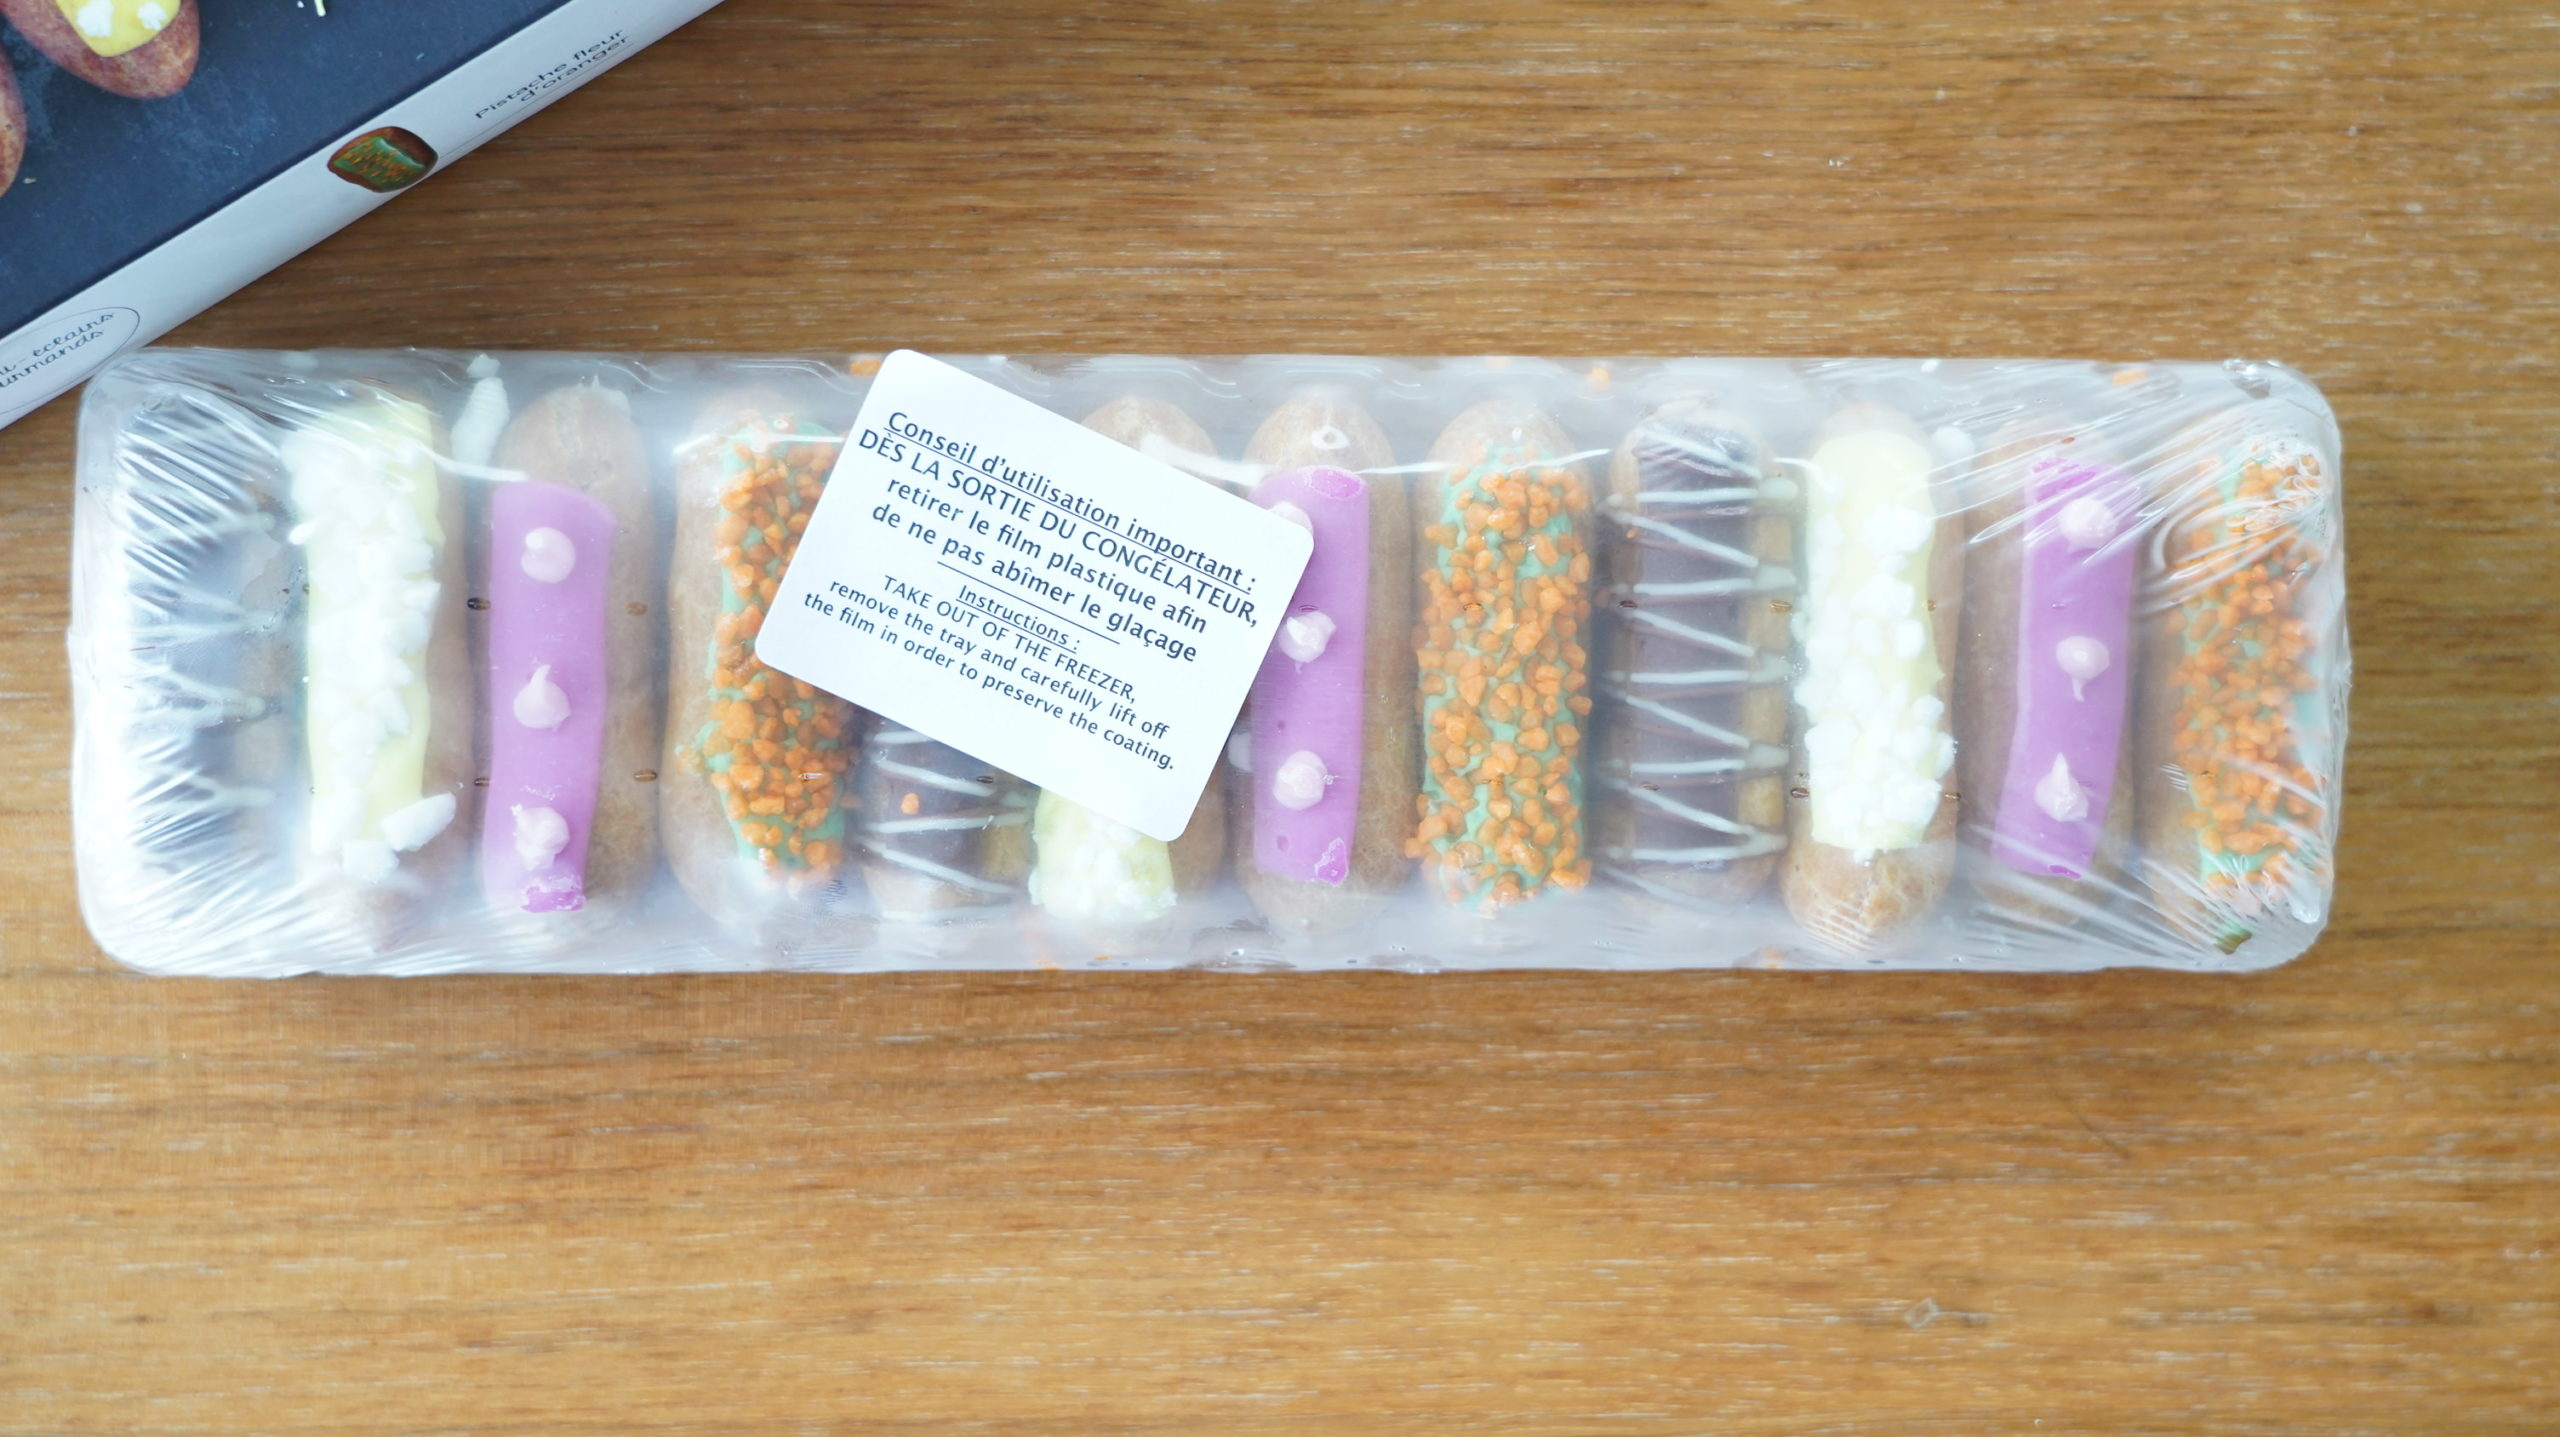 ピカールの冷凍食品「食いしん坊のミニエクレア」が12個入っている写真